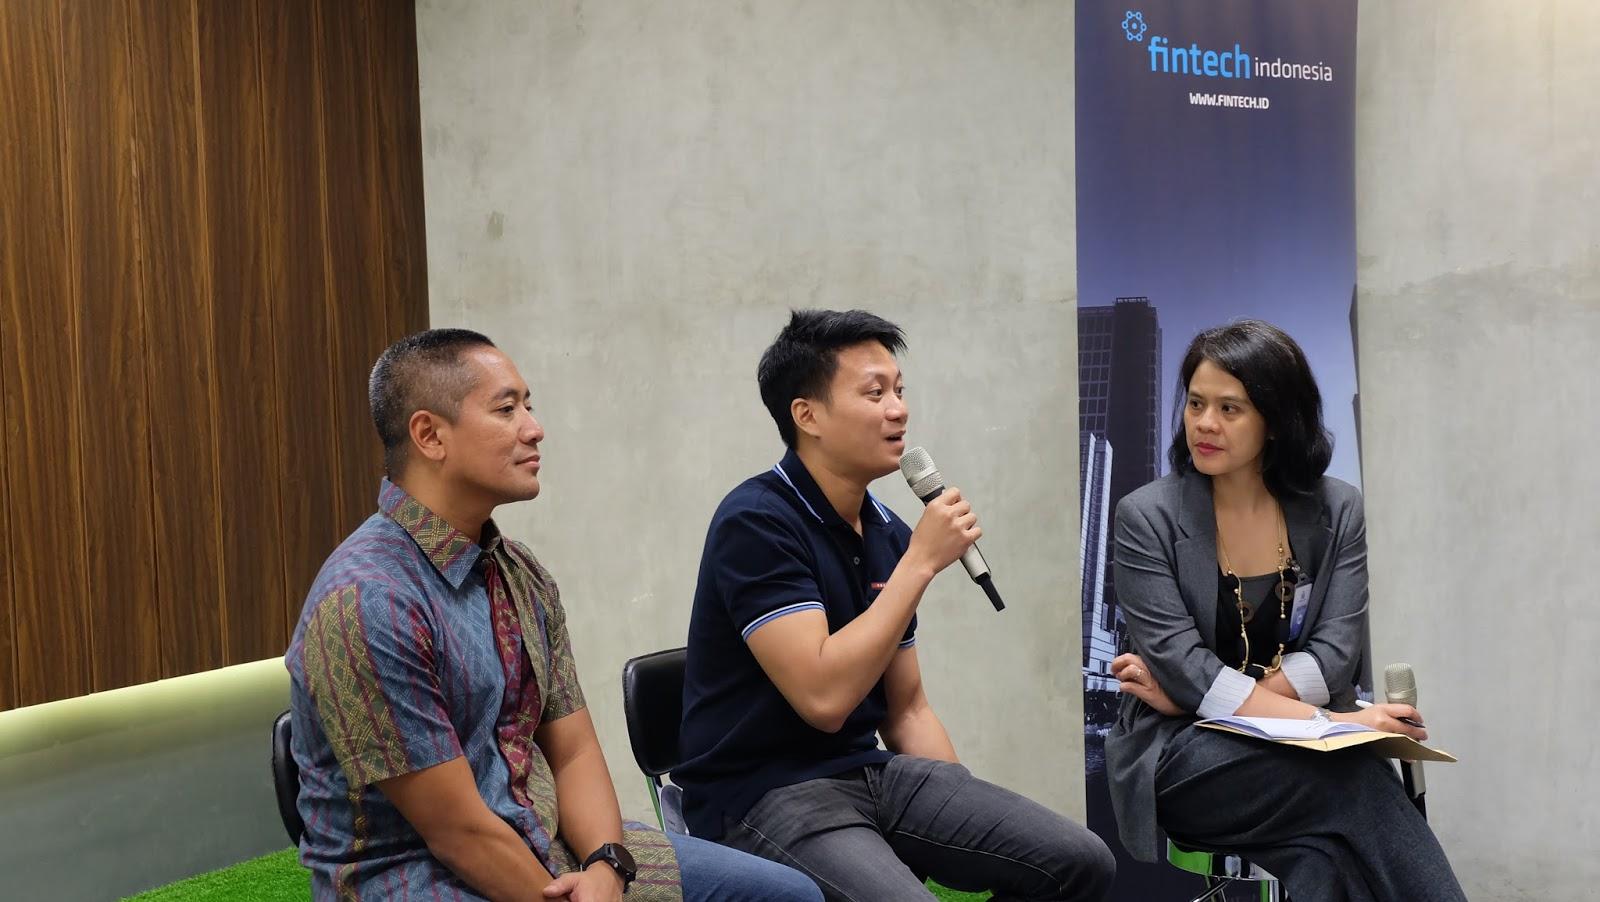 Diskusi AFTECH tentang P2P Lending